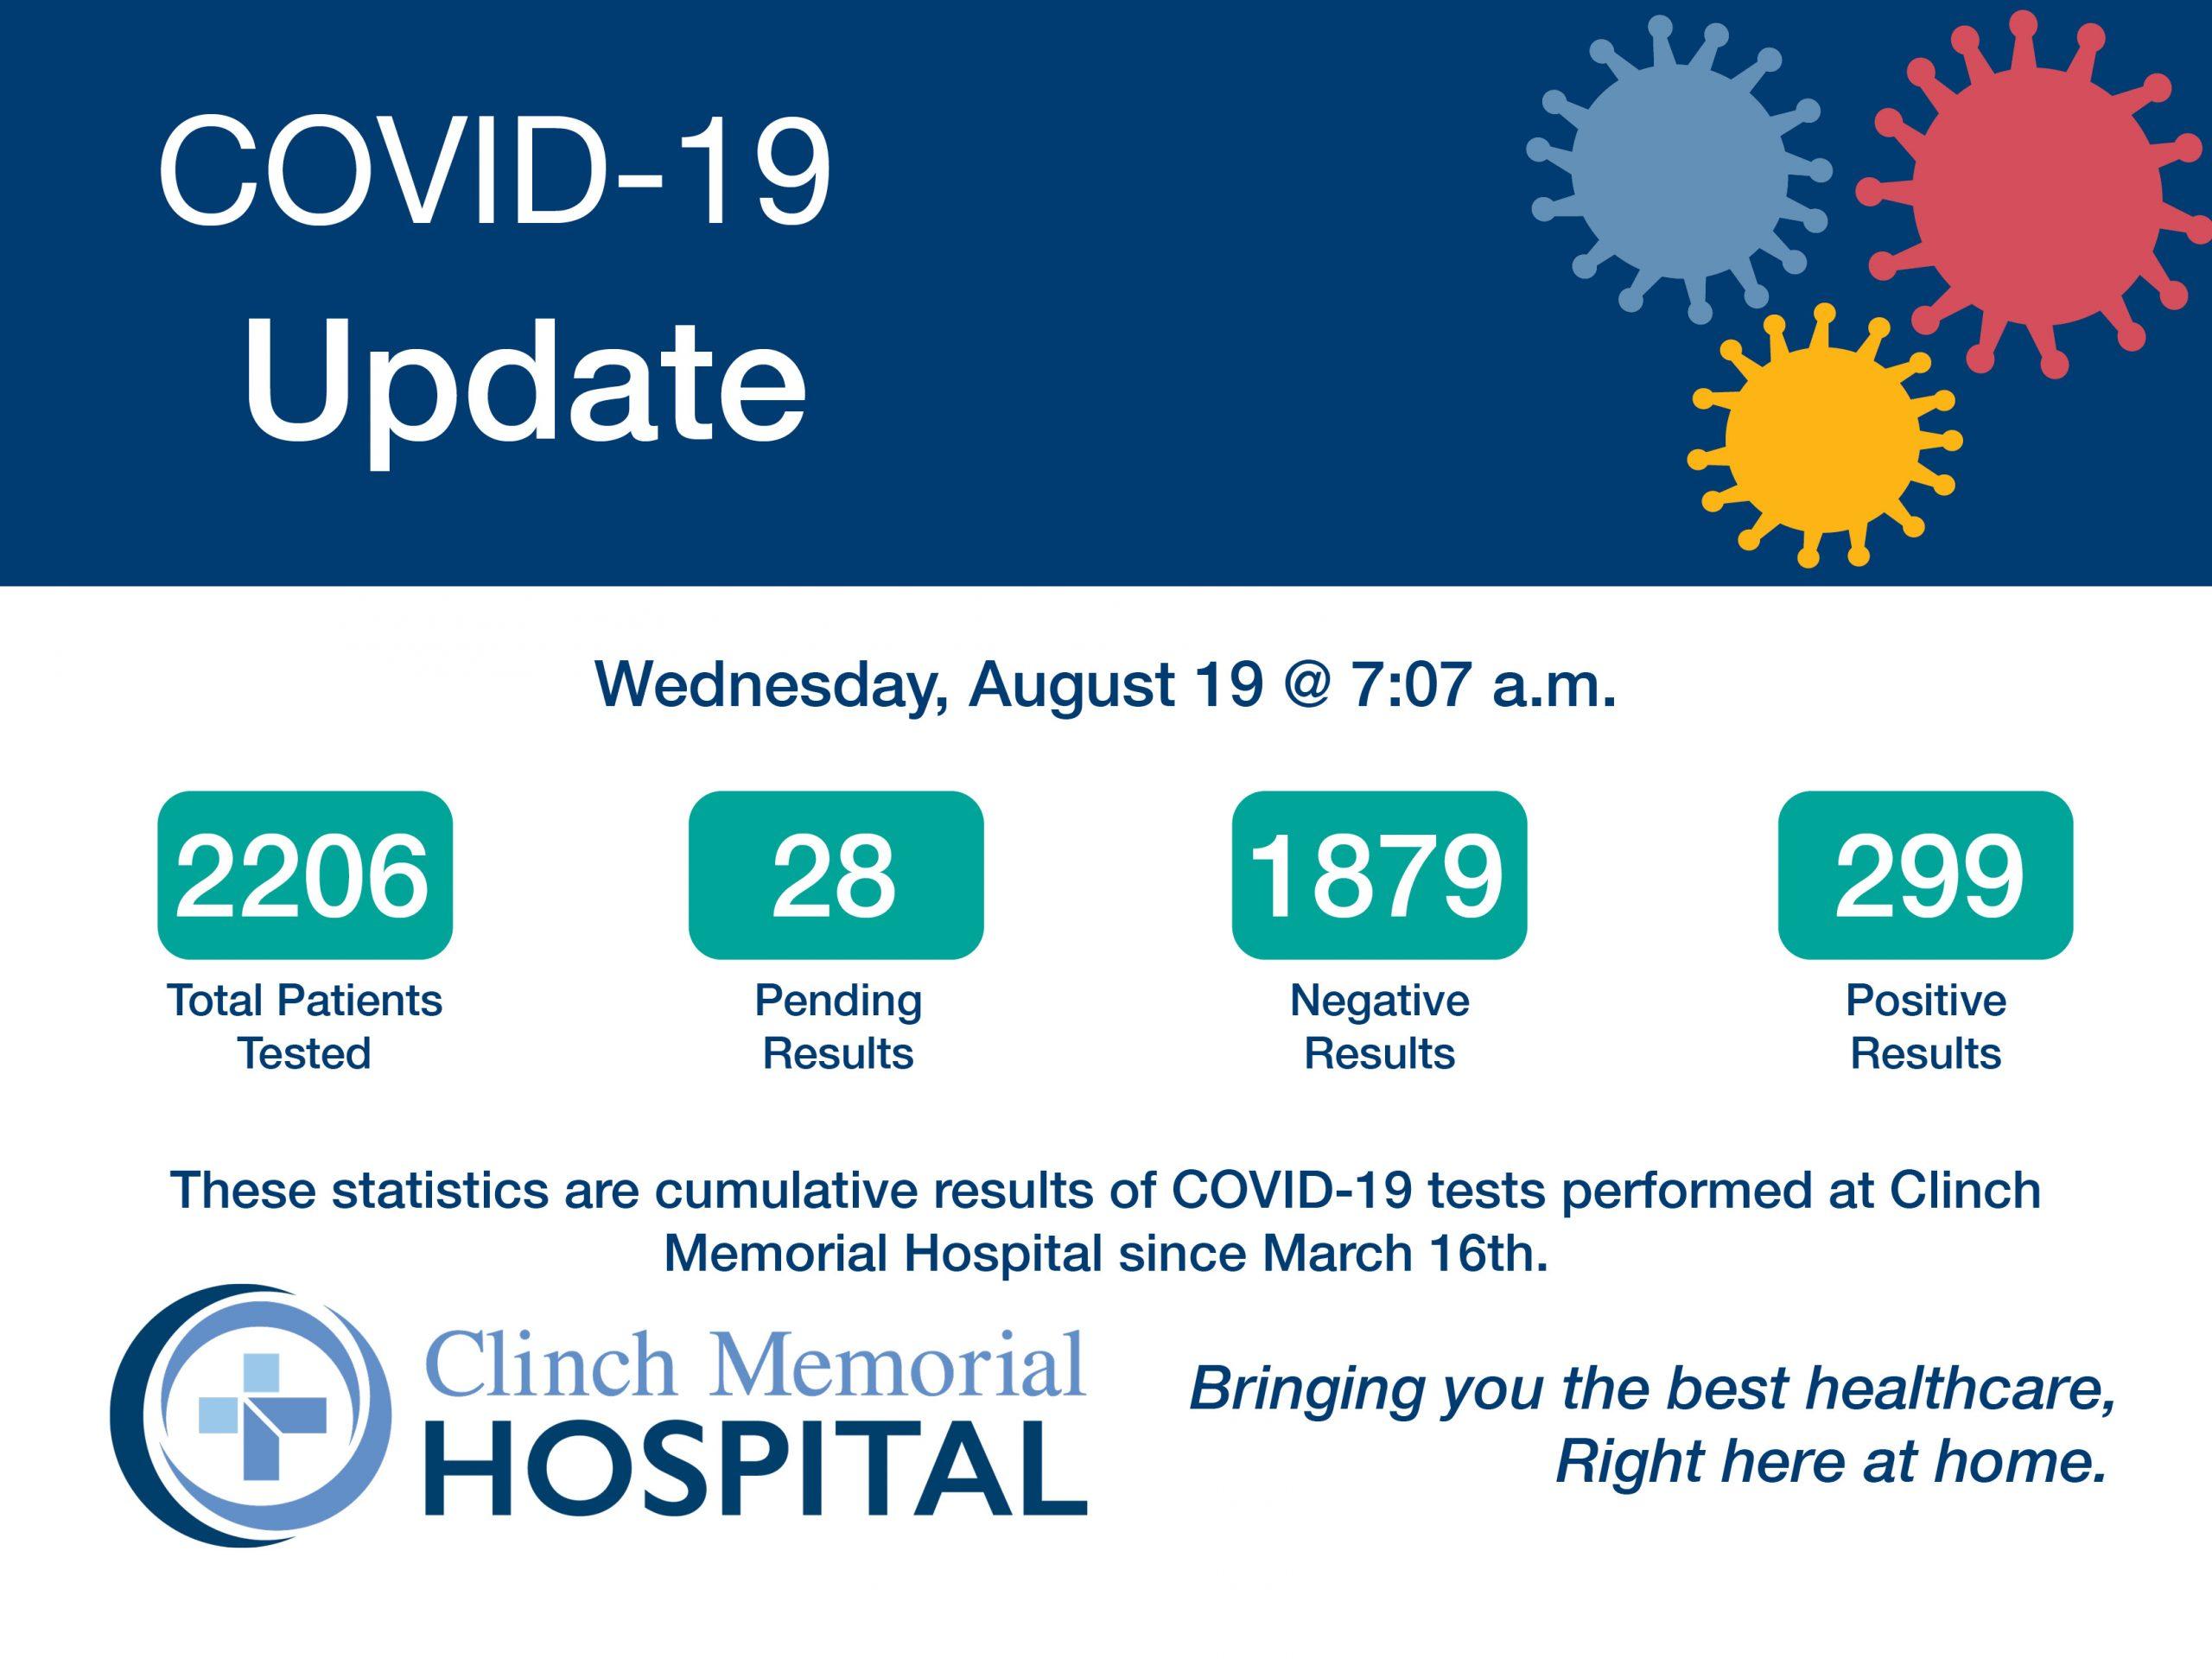 Covid-19 Statistics Update